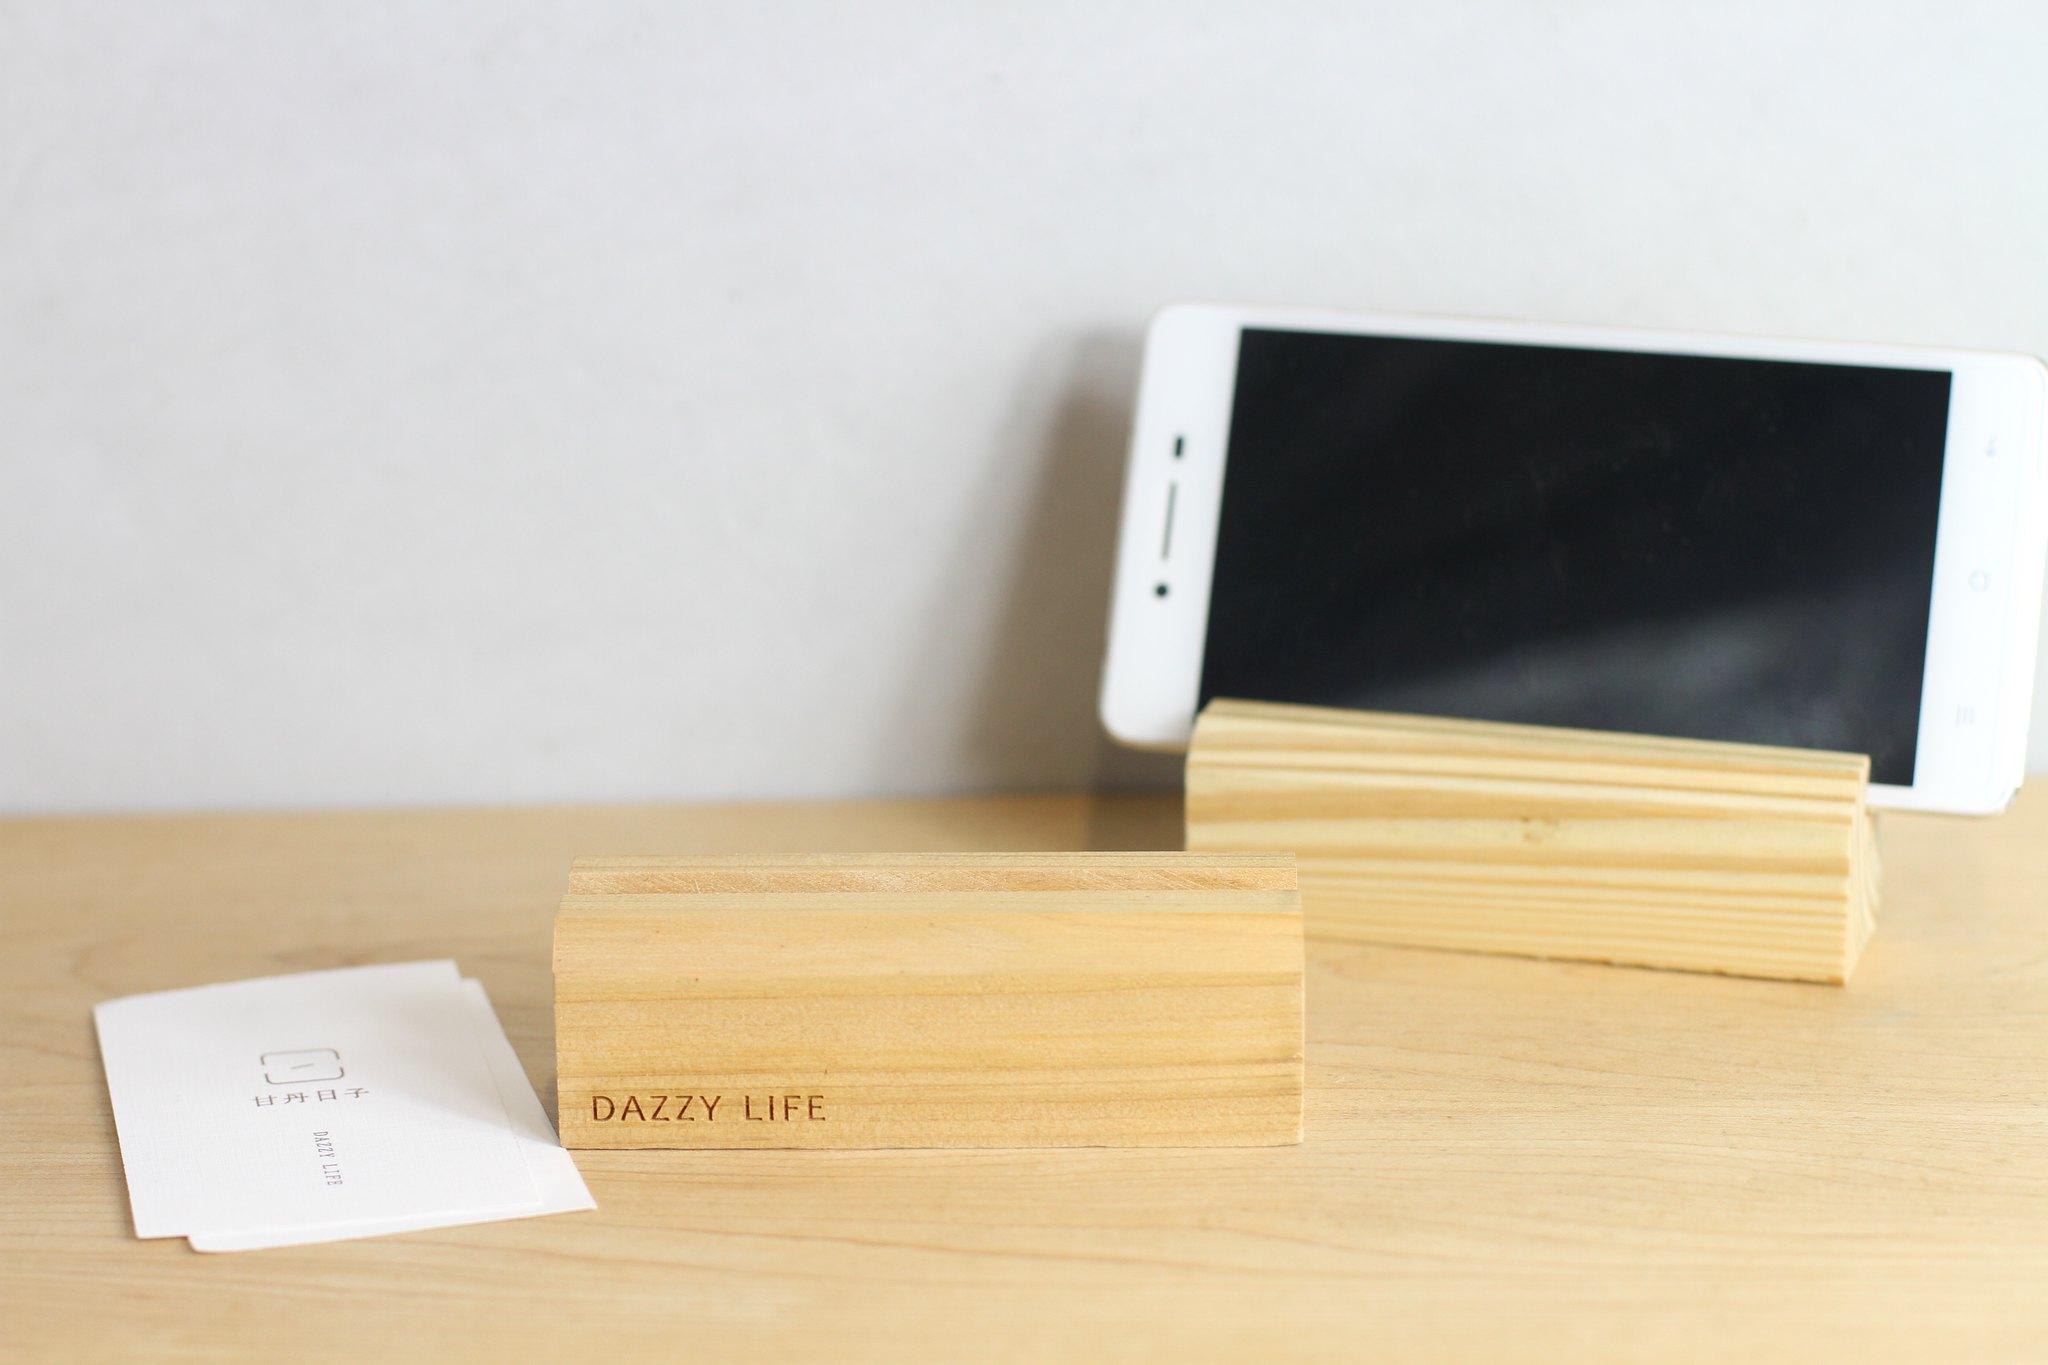 客製化 禮物 特色產品 居家 台灣設計 生日 情人節 療癒 聖誕節 收納 裝飾 送禮 中性 木質 手機座 名片